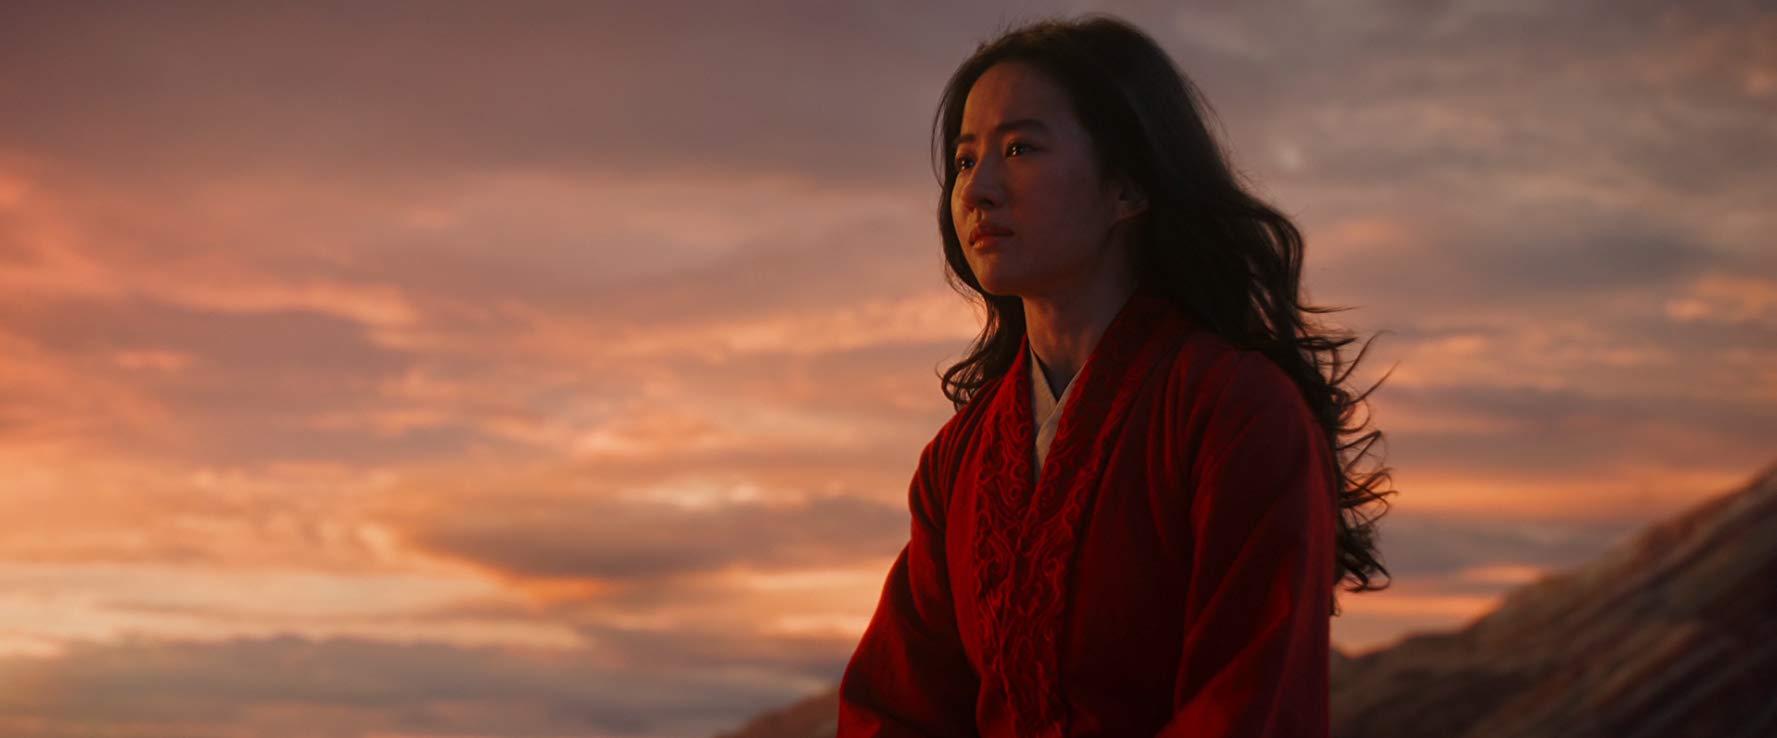 ดูหนังออนไลน์ ปฏิกิริยาแรกของ Mulan แนะนำให้เสพสมกับวิญญาณของดั้งเดิม